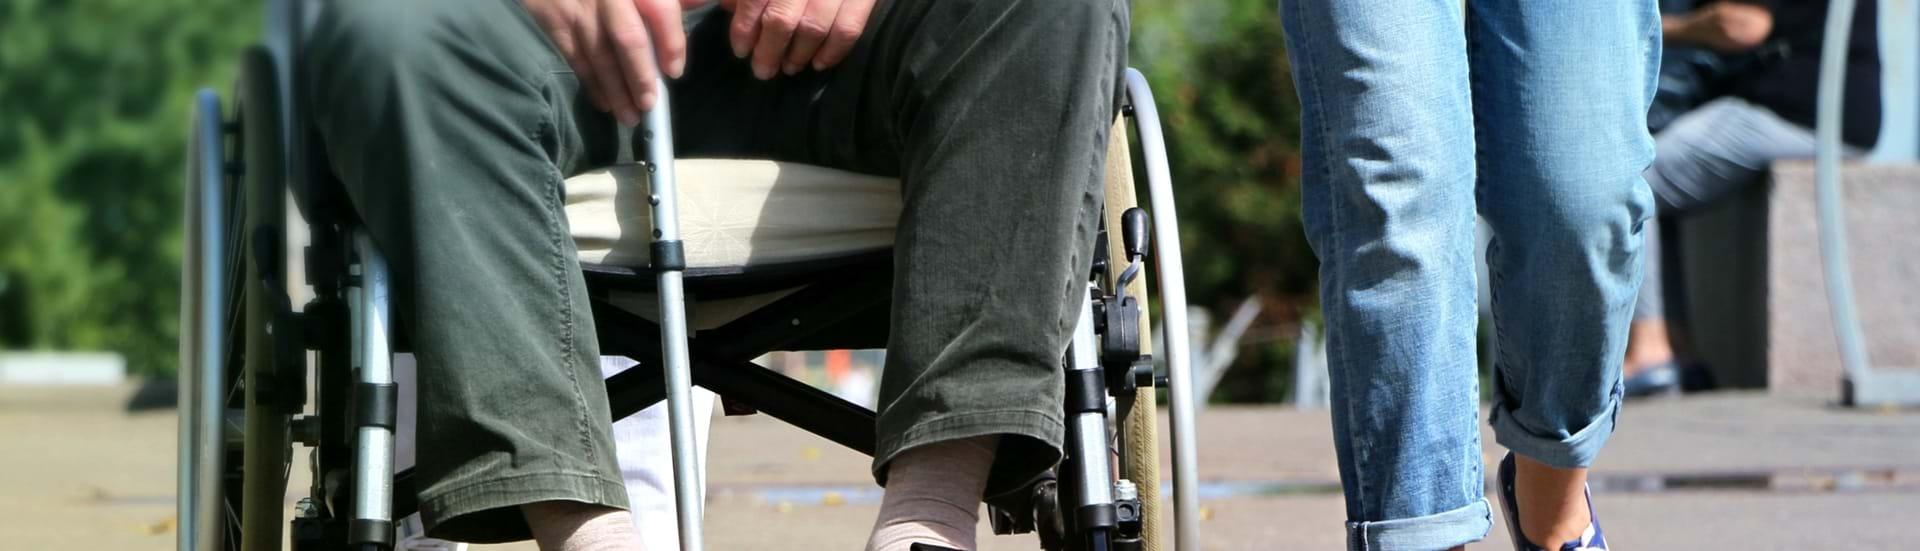 Social- og sundhedshjælper der går tur sammen med en ældre mand i kørestol